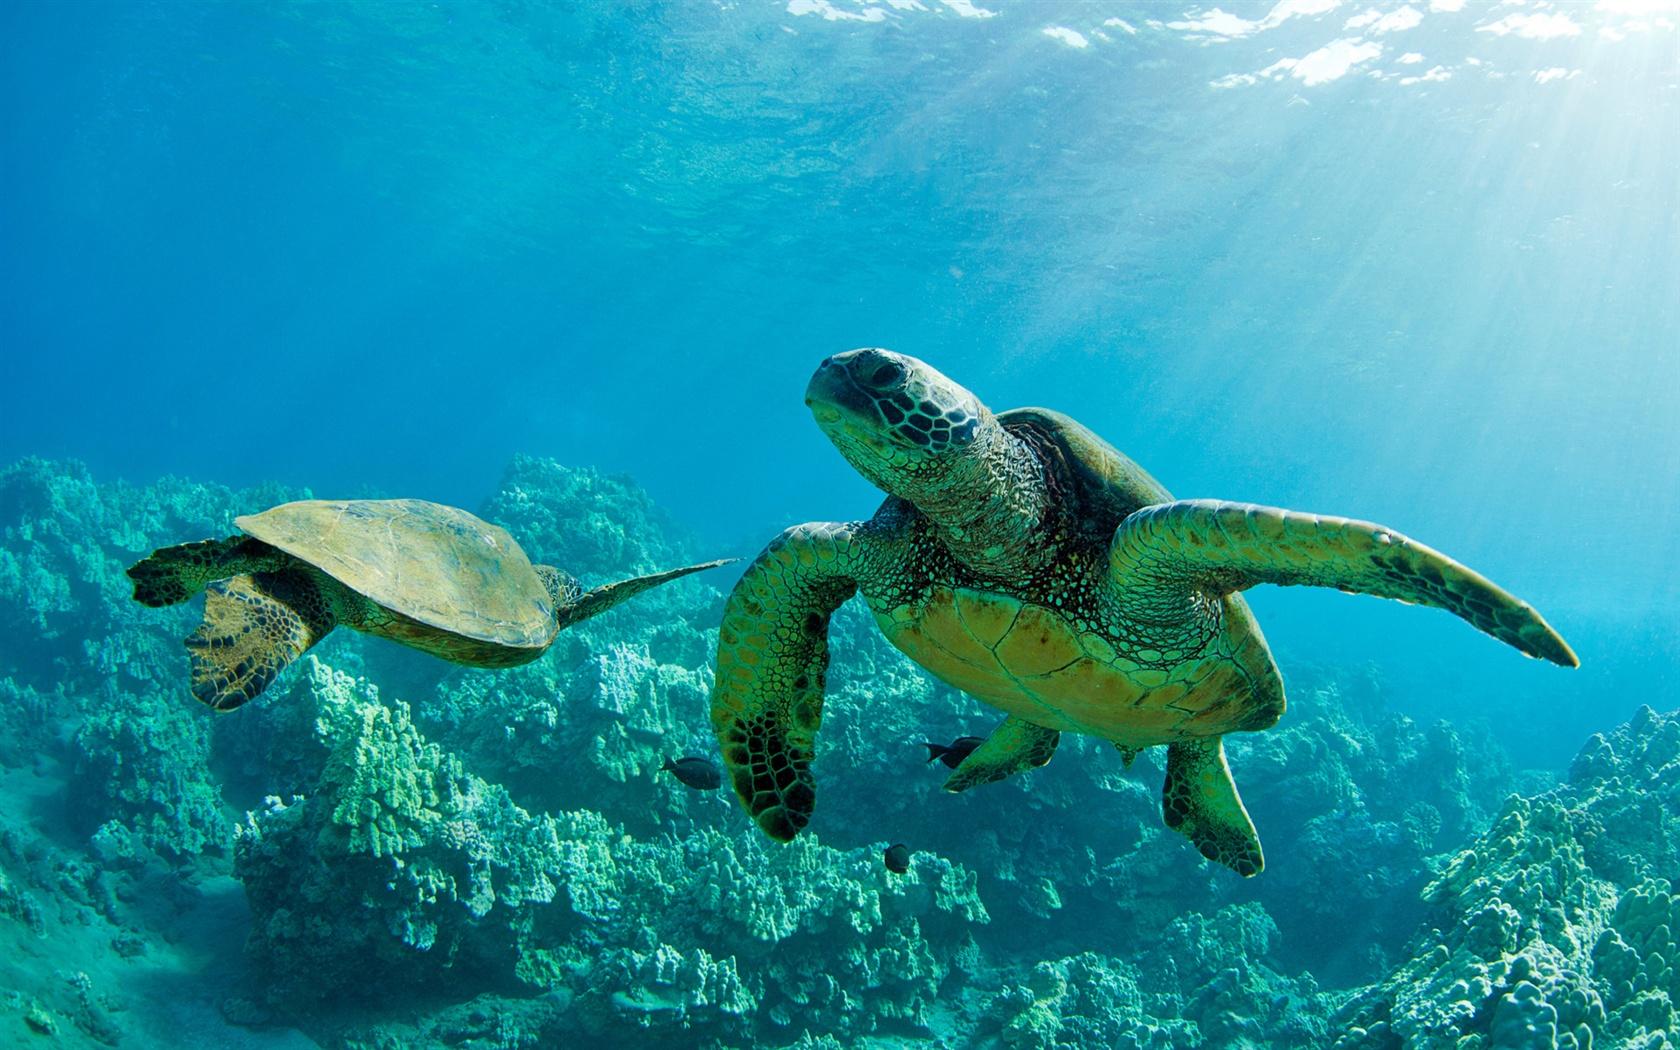 兩個綠海龜,在水下,珊瑚,毛伊島 壁紙 - 1680x1050